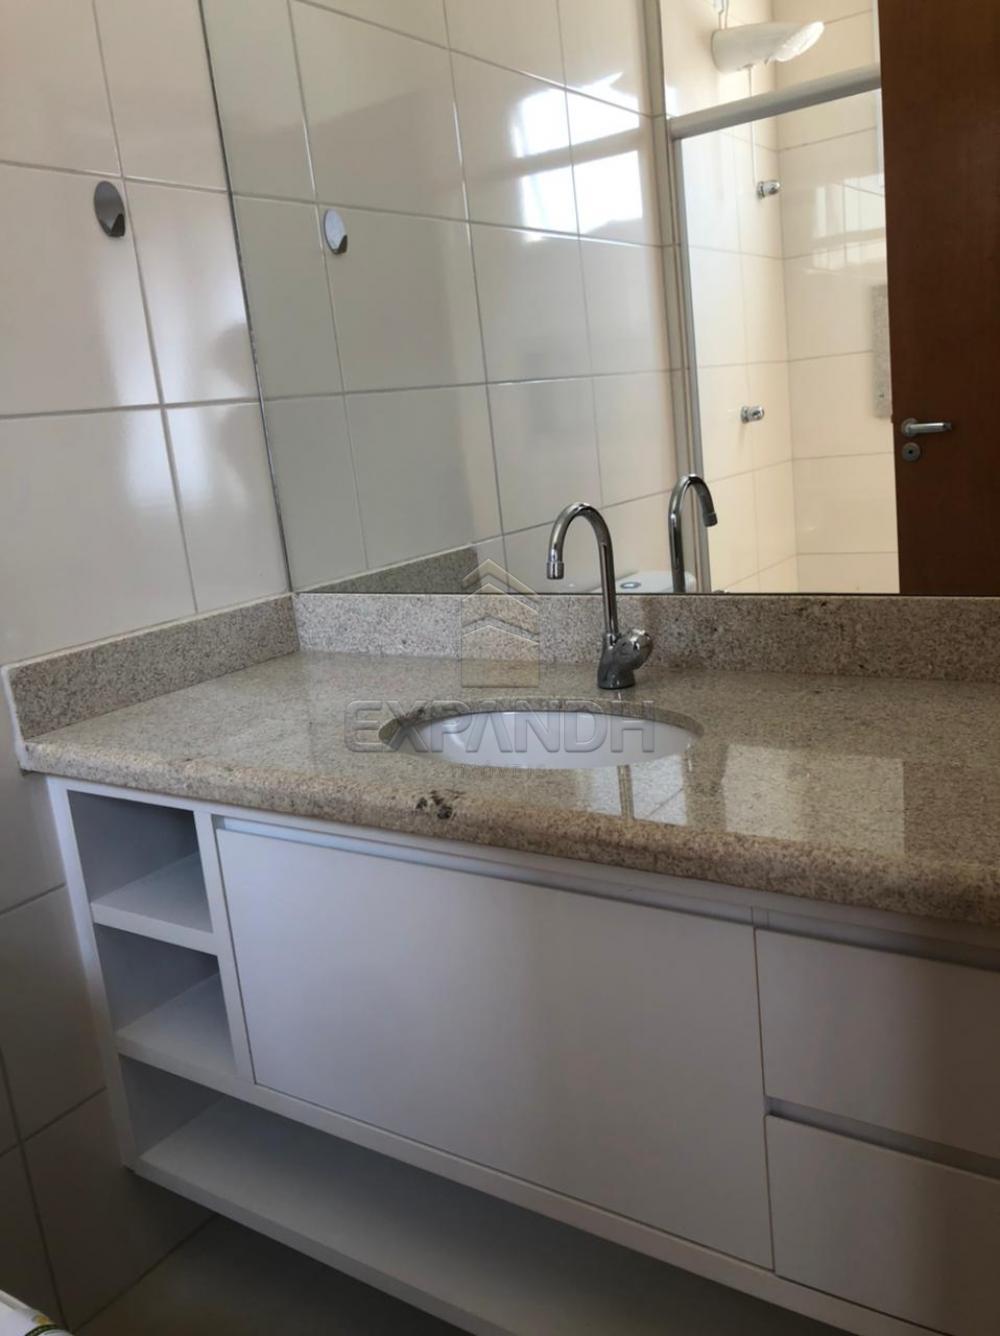 Comprar Casas / Condomínio em Sertãozinho R$ 530.000,00 - Foto 24